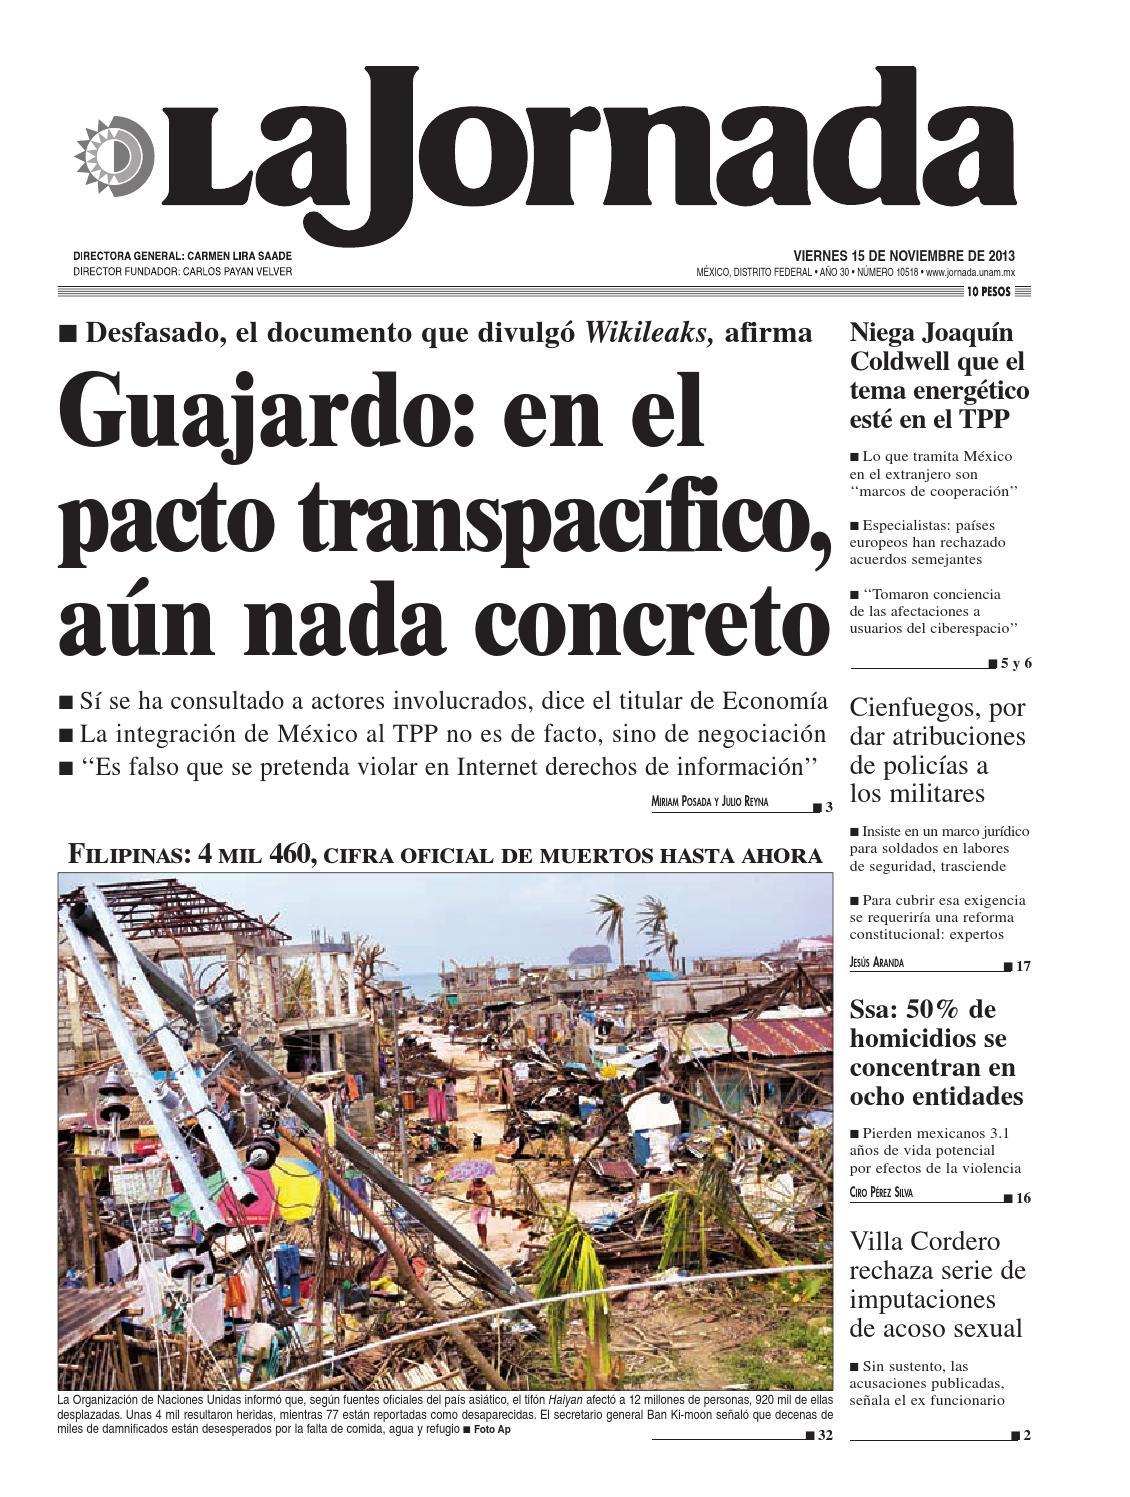 La Jornada, 11/15/2013 by La Jornada: DEMOS Desarrollo de Medios SA ...